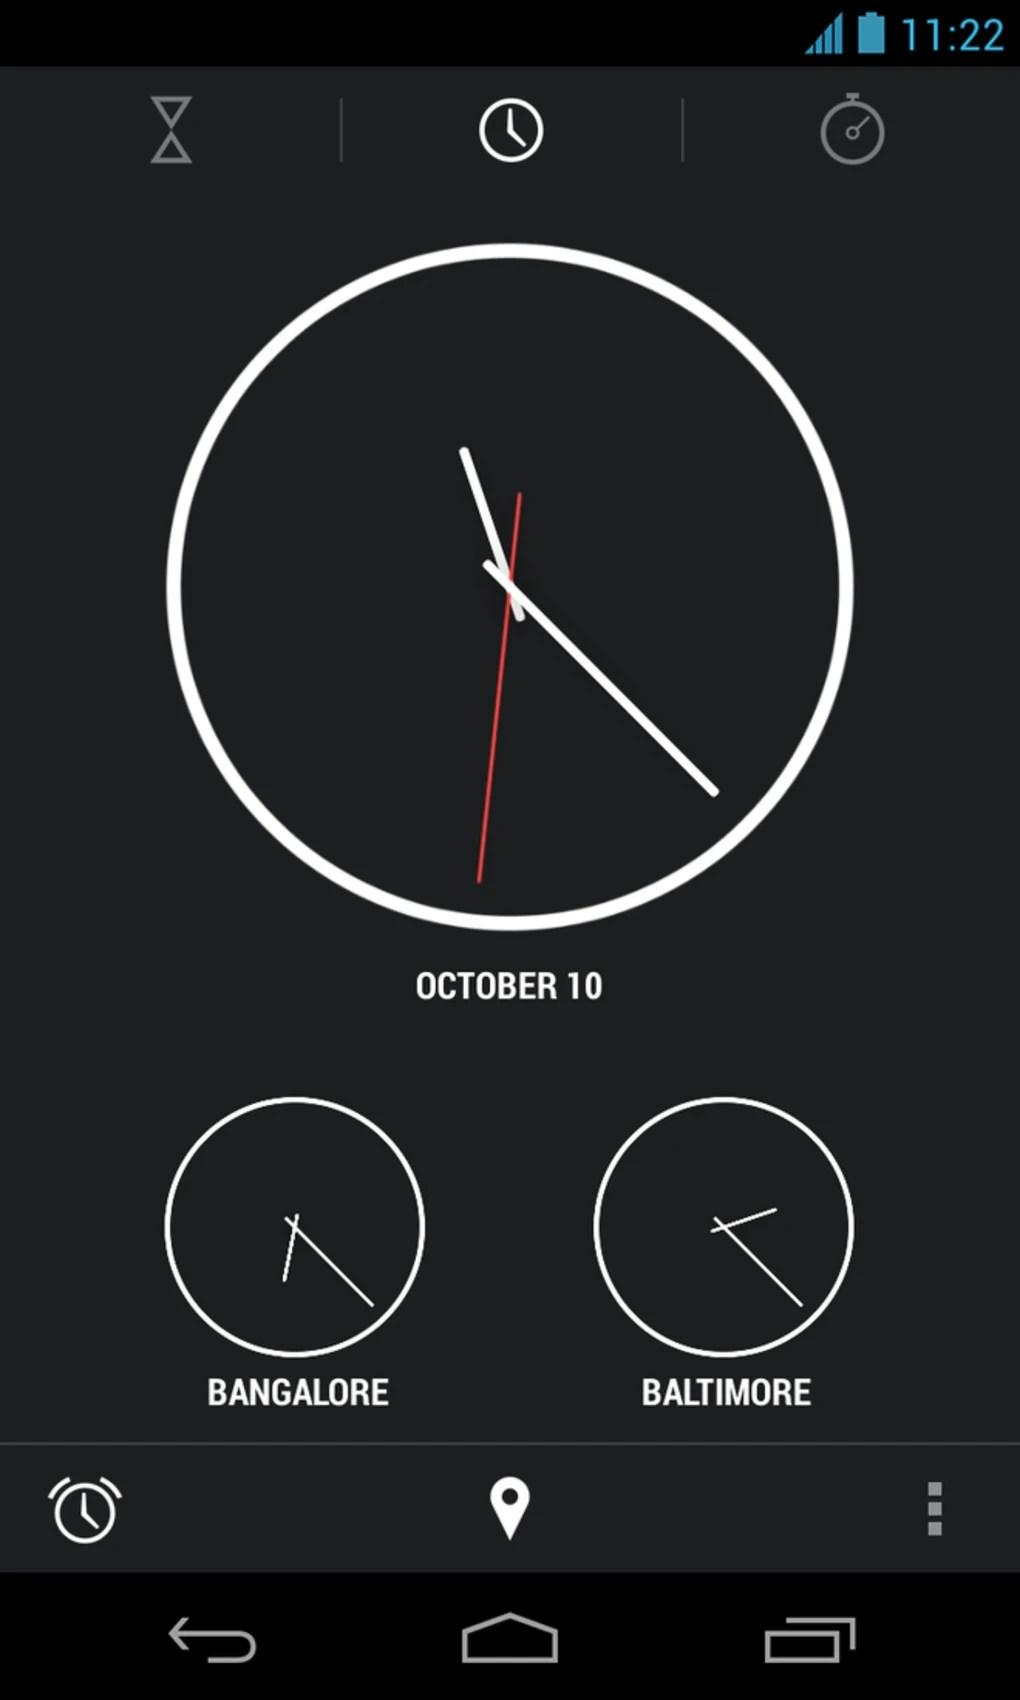 New clock app